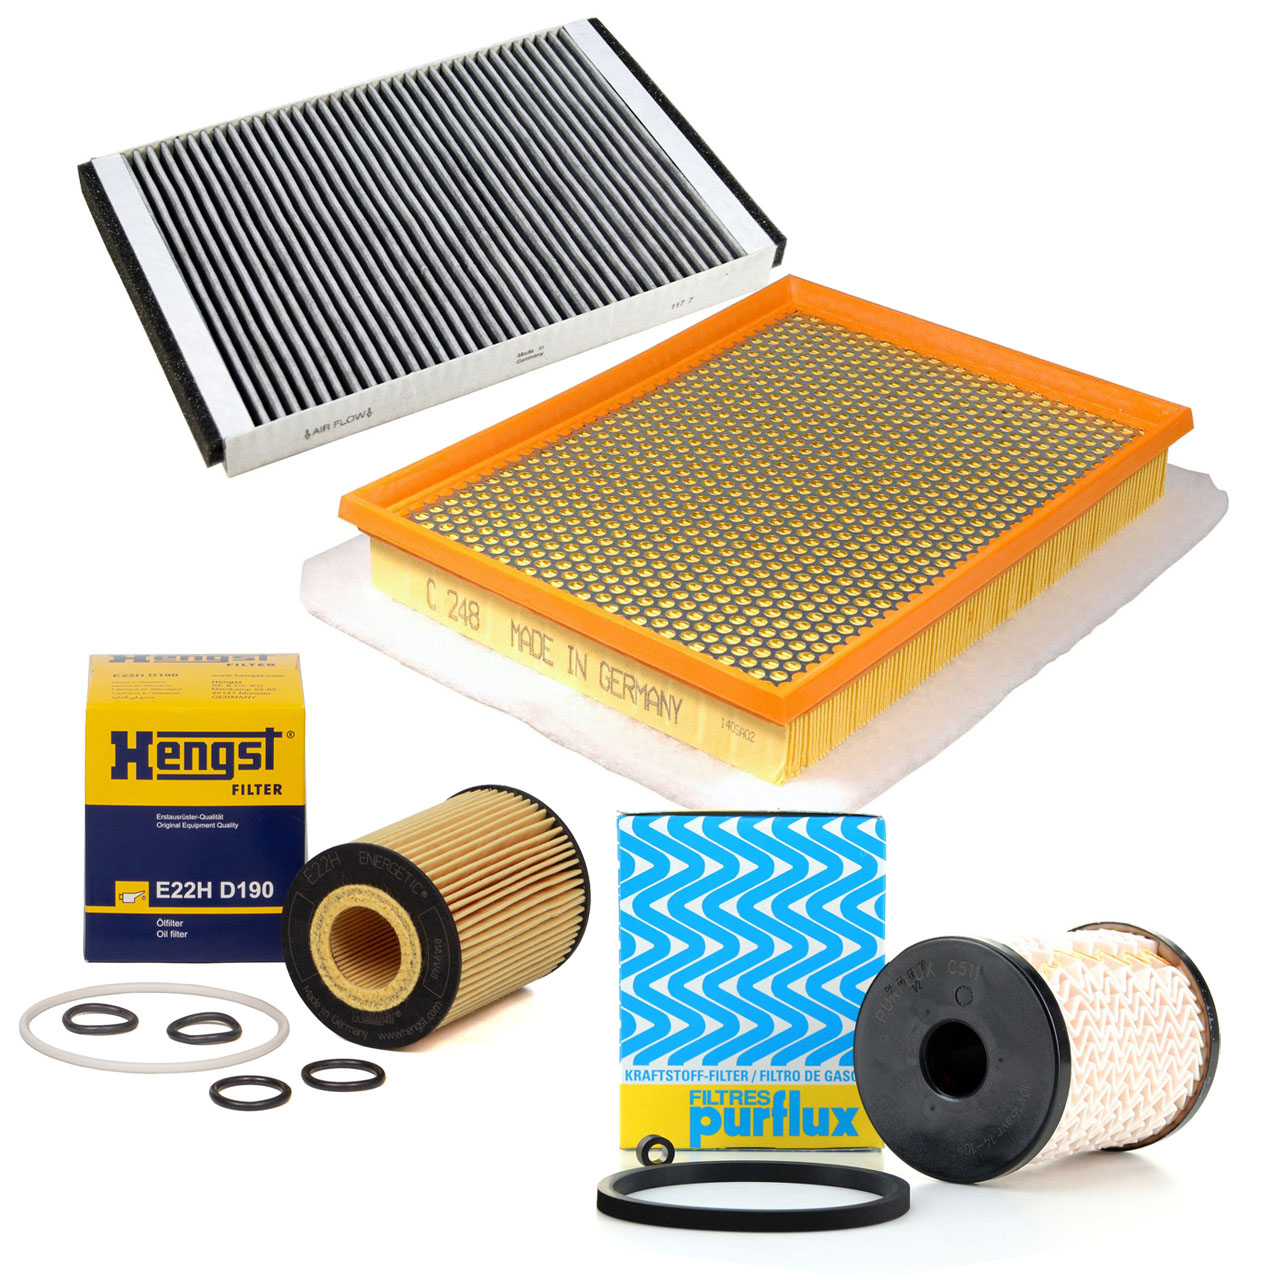 Inspektionskit Filterpaket Filterset DELPHI für OPEL Astra H 1.7 CDTI 110/125 PS